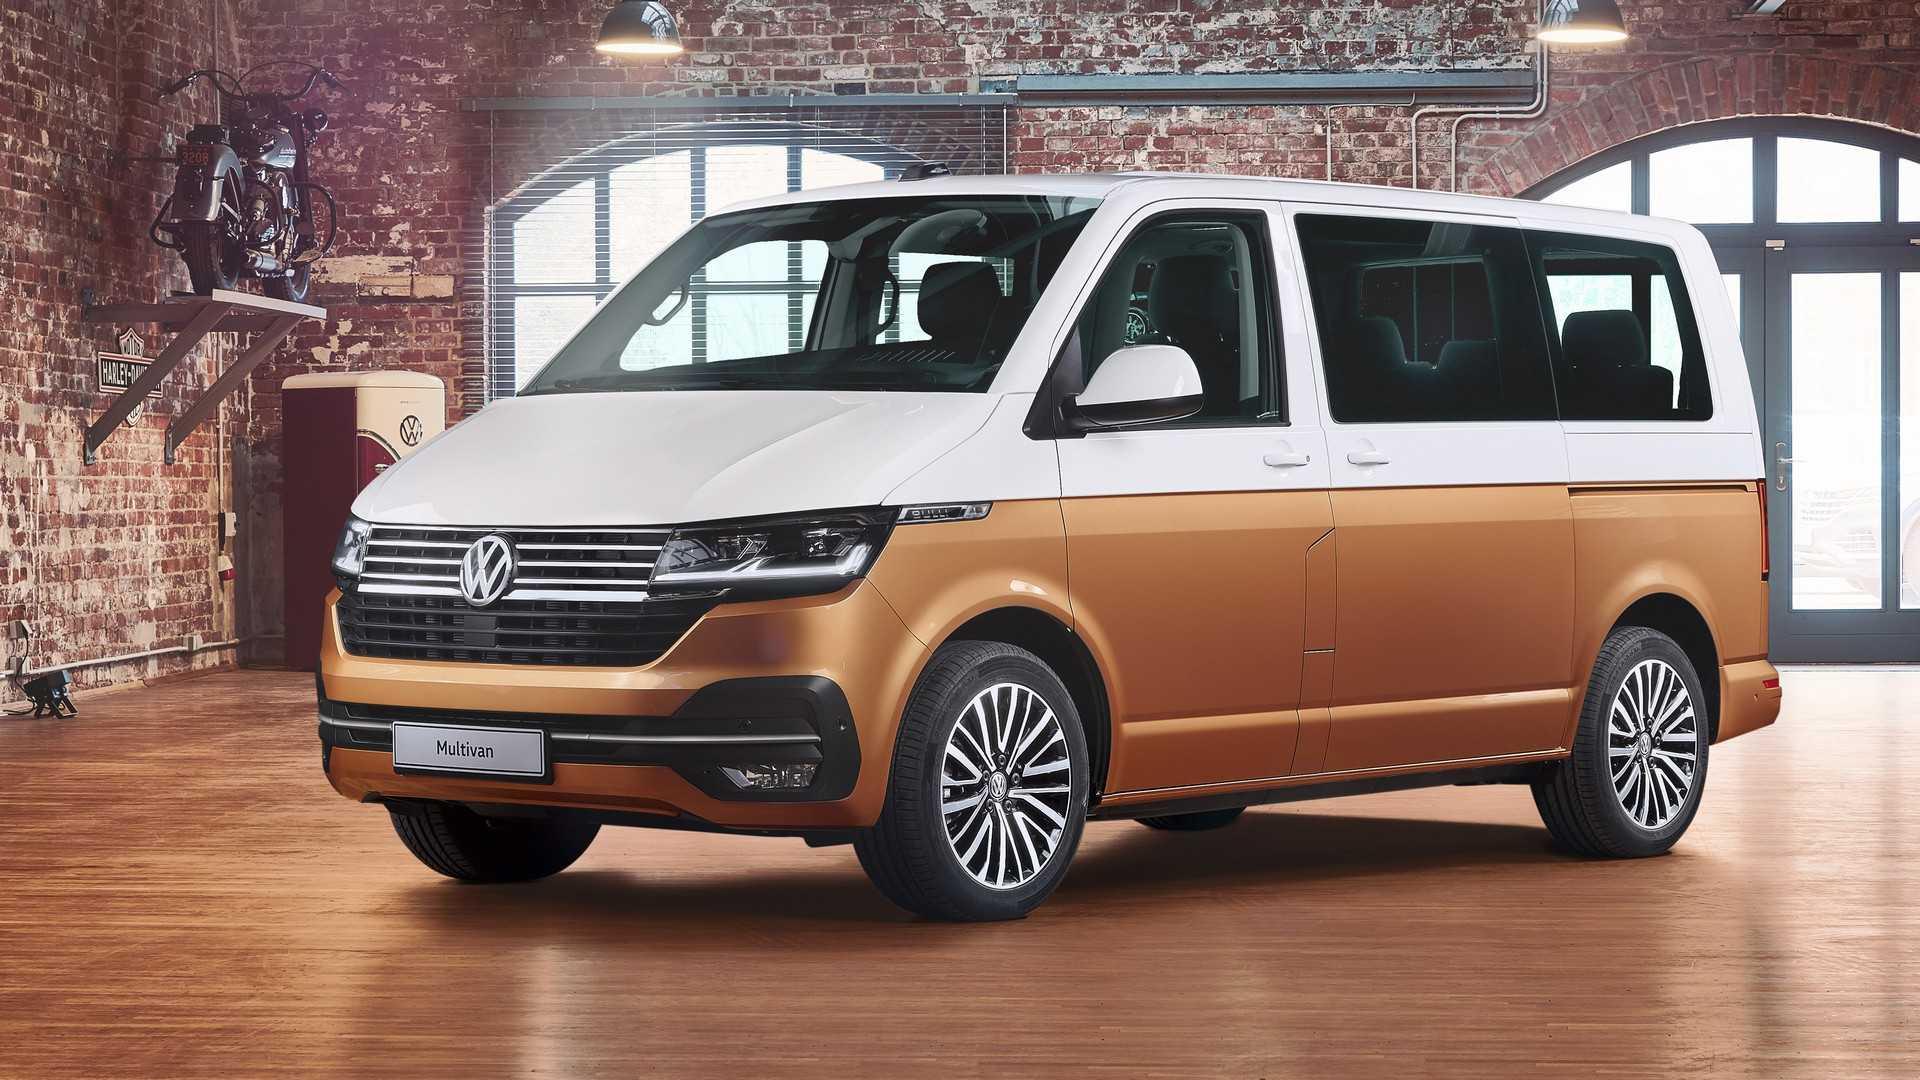 13 Concept of The Volkswagen Minivan 2019 Release Date Rumors with The Volkswagen Minivan 2019 Release Date